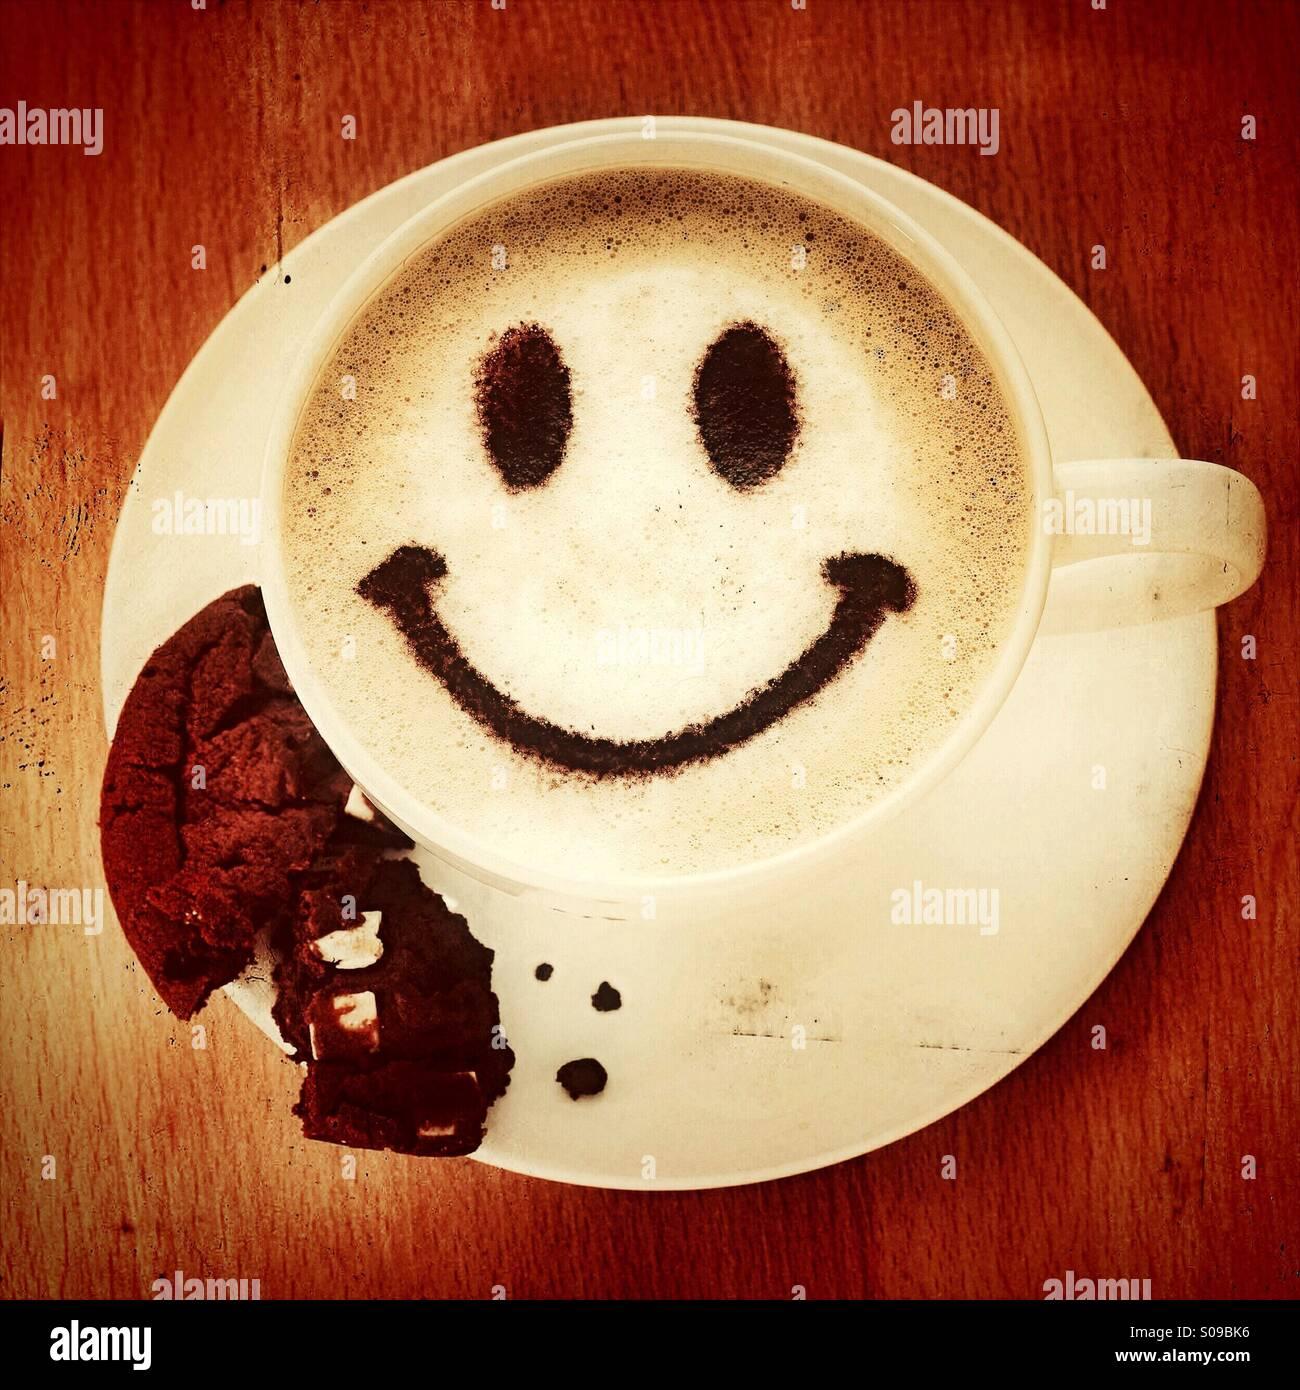 Kaffeepause - ein Cappuccino mit einem Smiley-Gesicht und einen Cookie Keks Stockbild